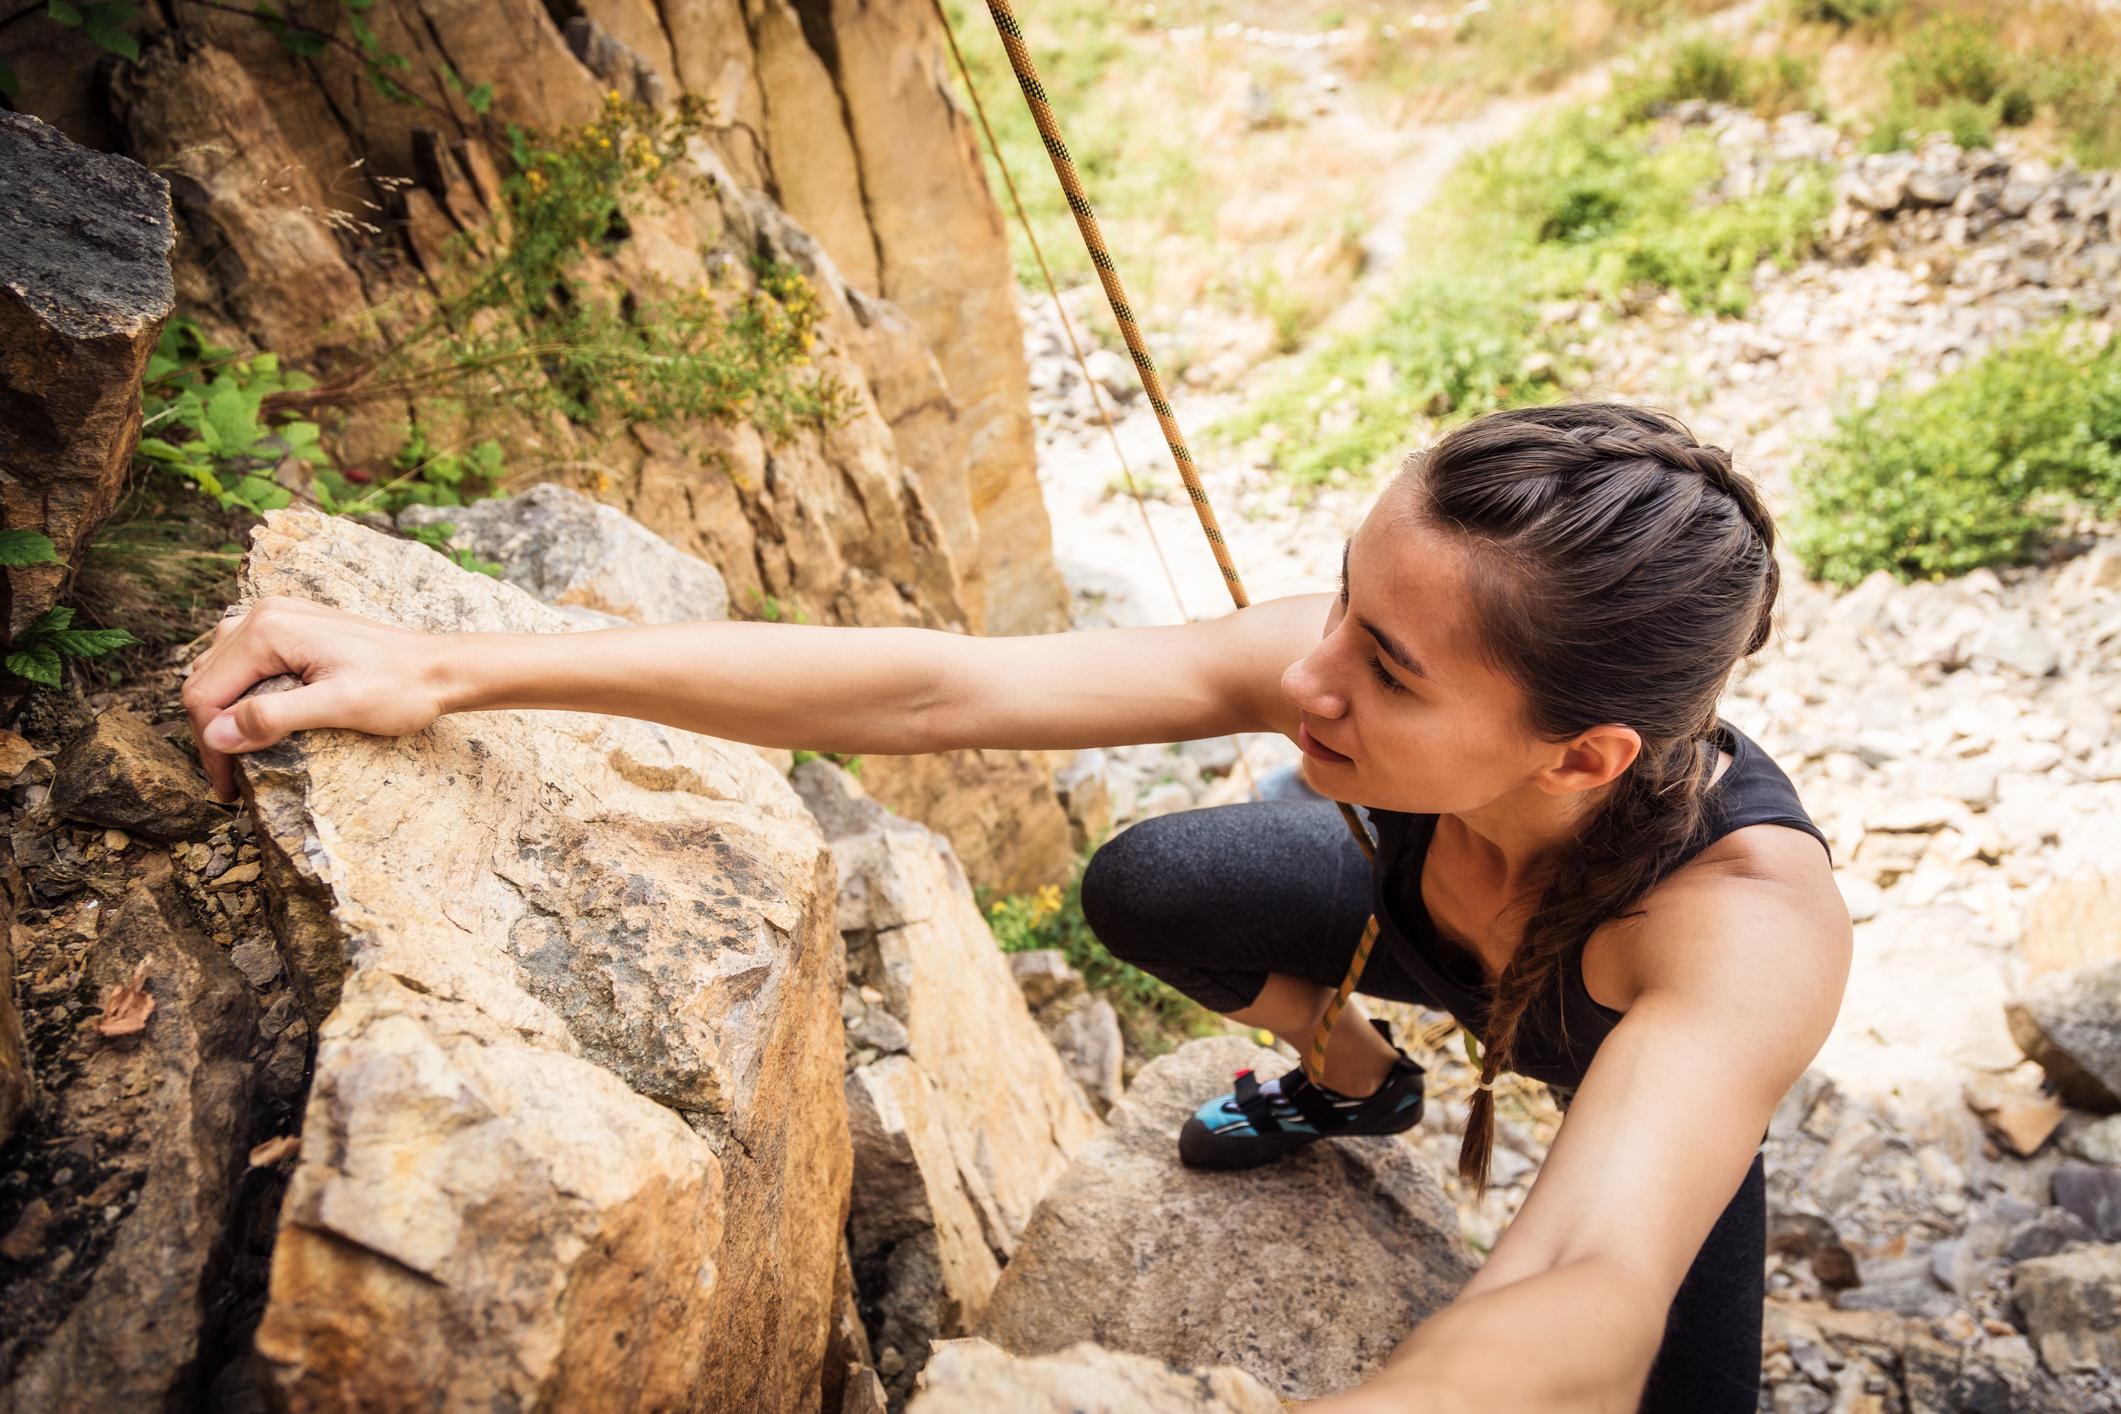 Klettergurt Für Anfänger : Hoch hinaus: klettern für anfänger bkk mobil oil